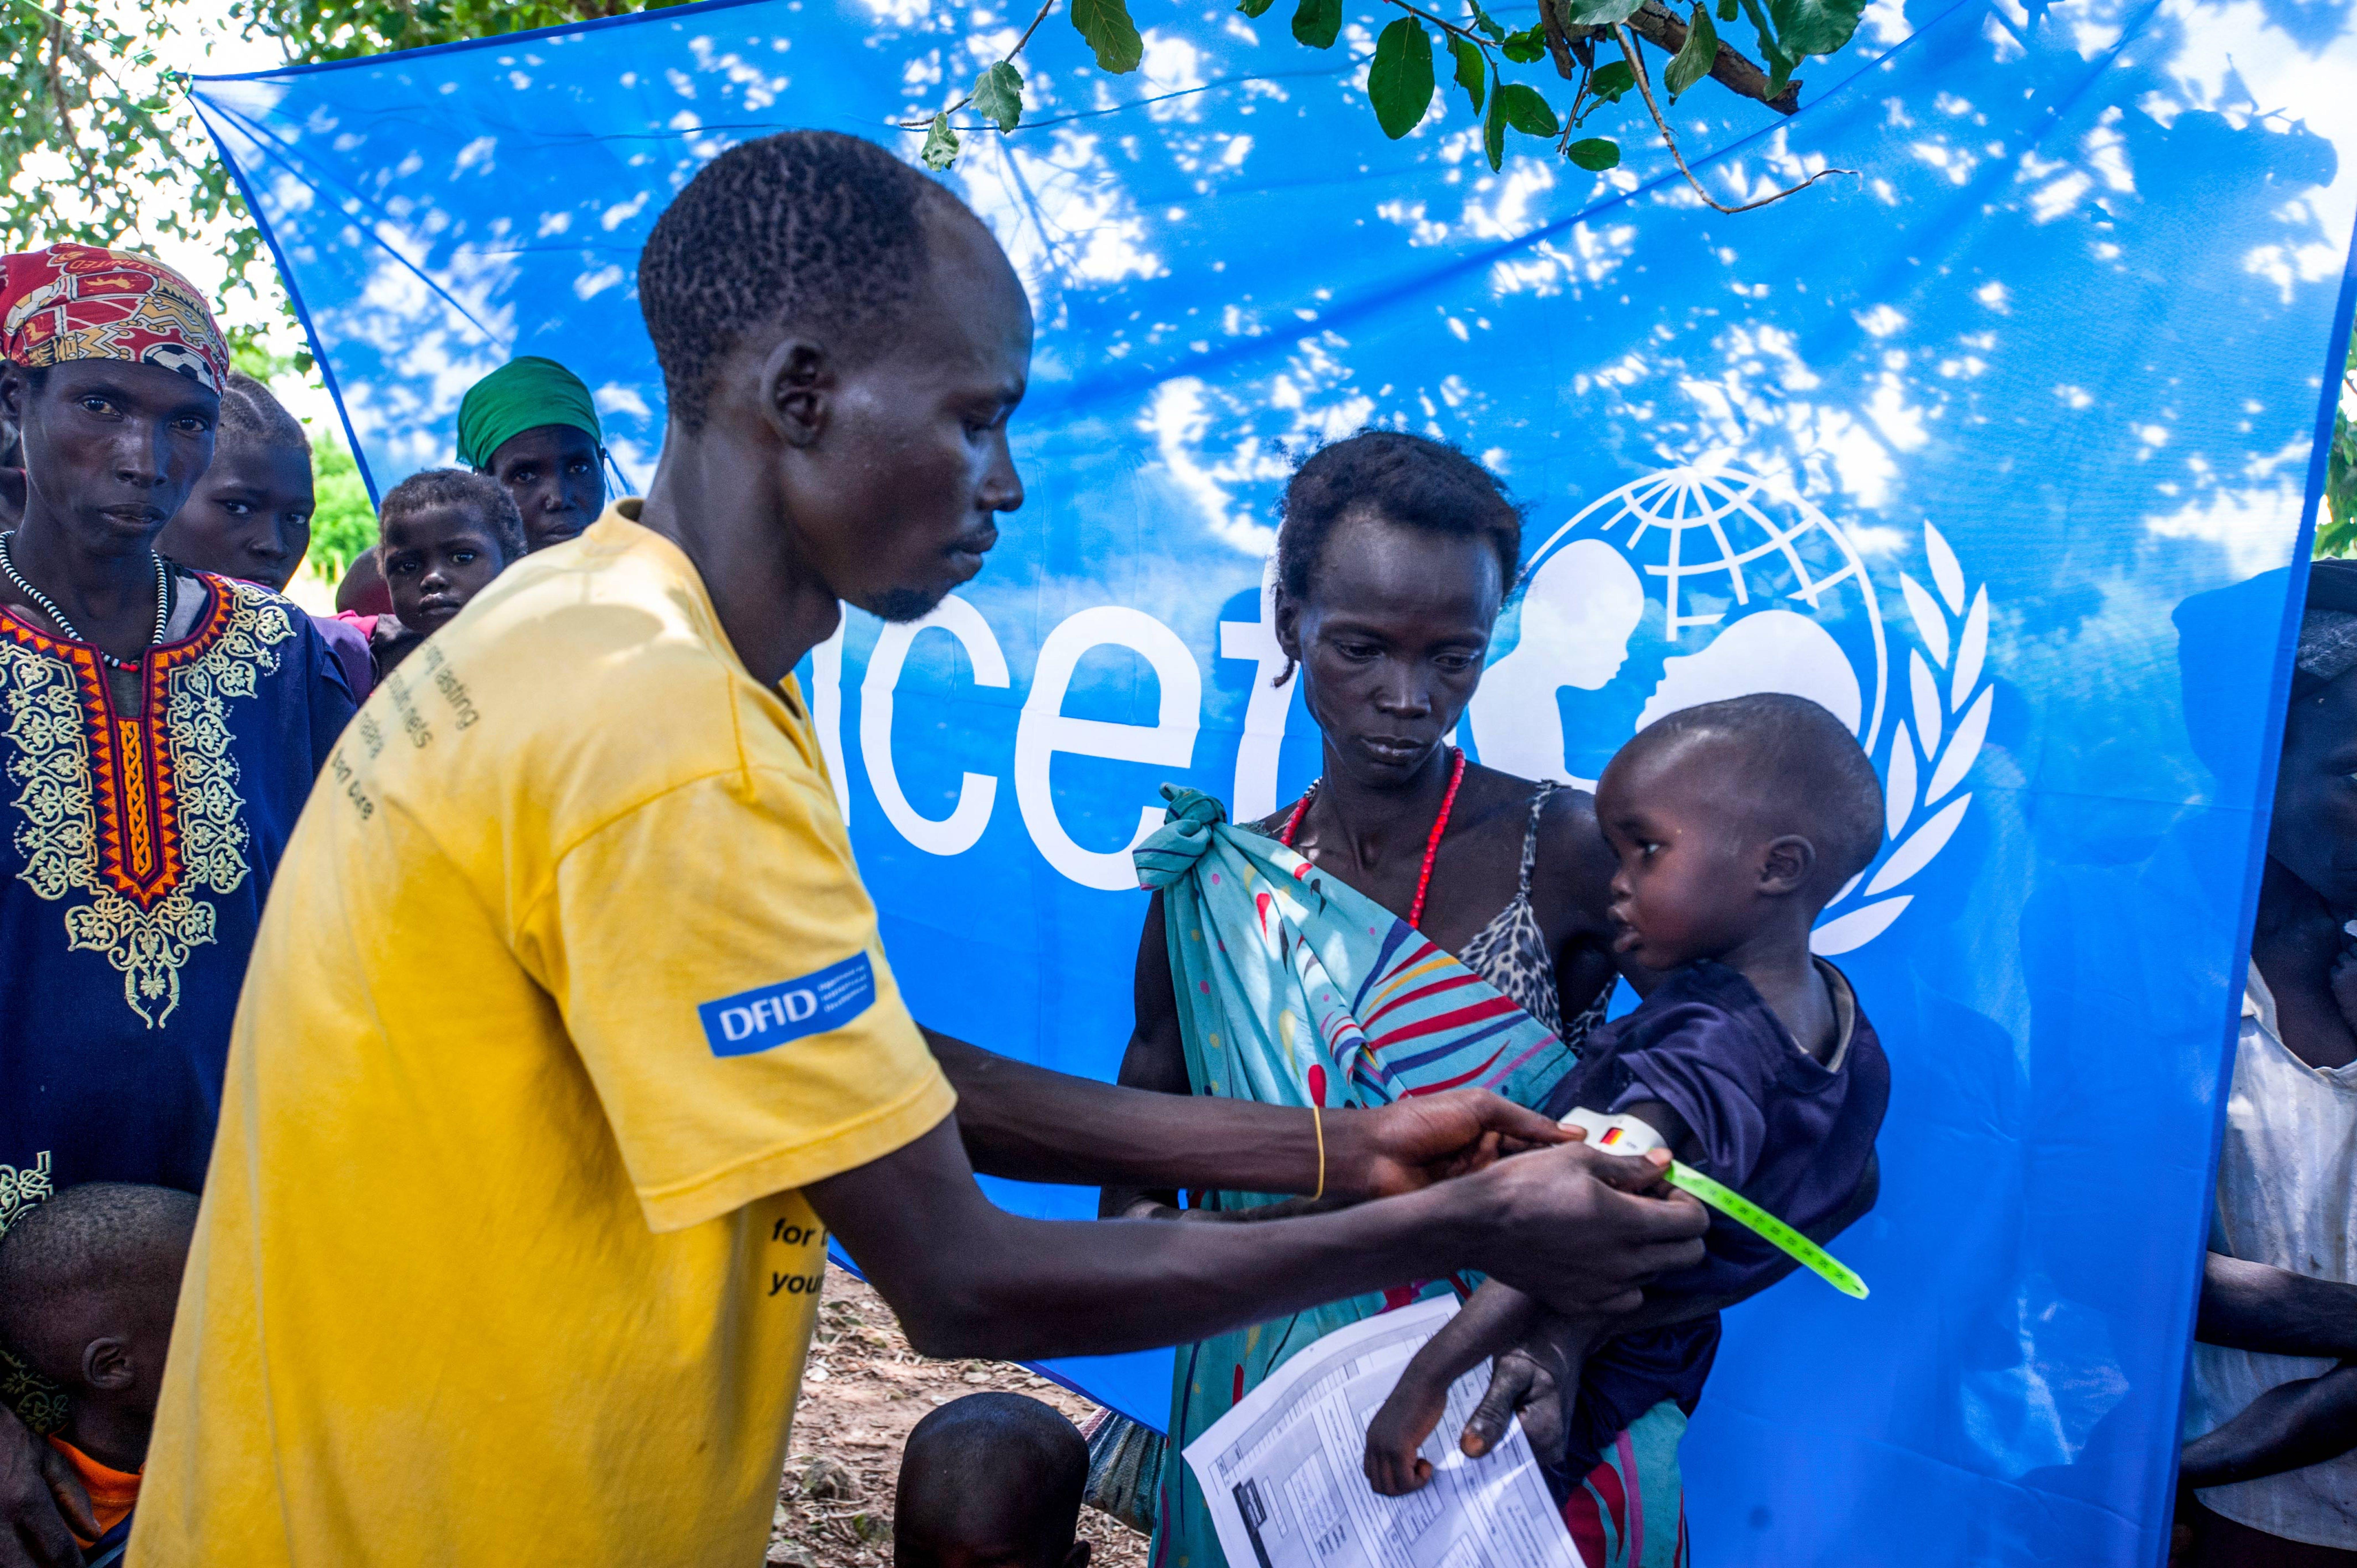 Un bambino viene sottoposto a screening per la malnutrizione in un centro sanitario sostenuto dall'UNICEF ad Aweil, nel Sud Sudan.